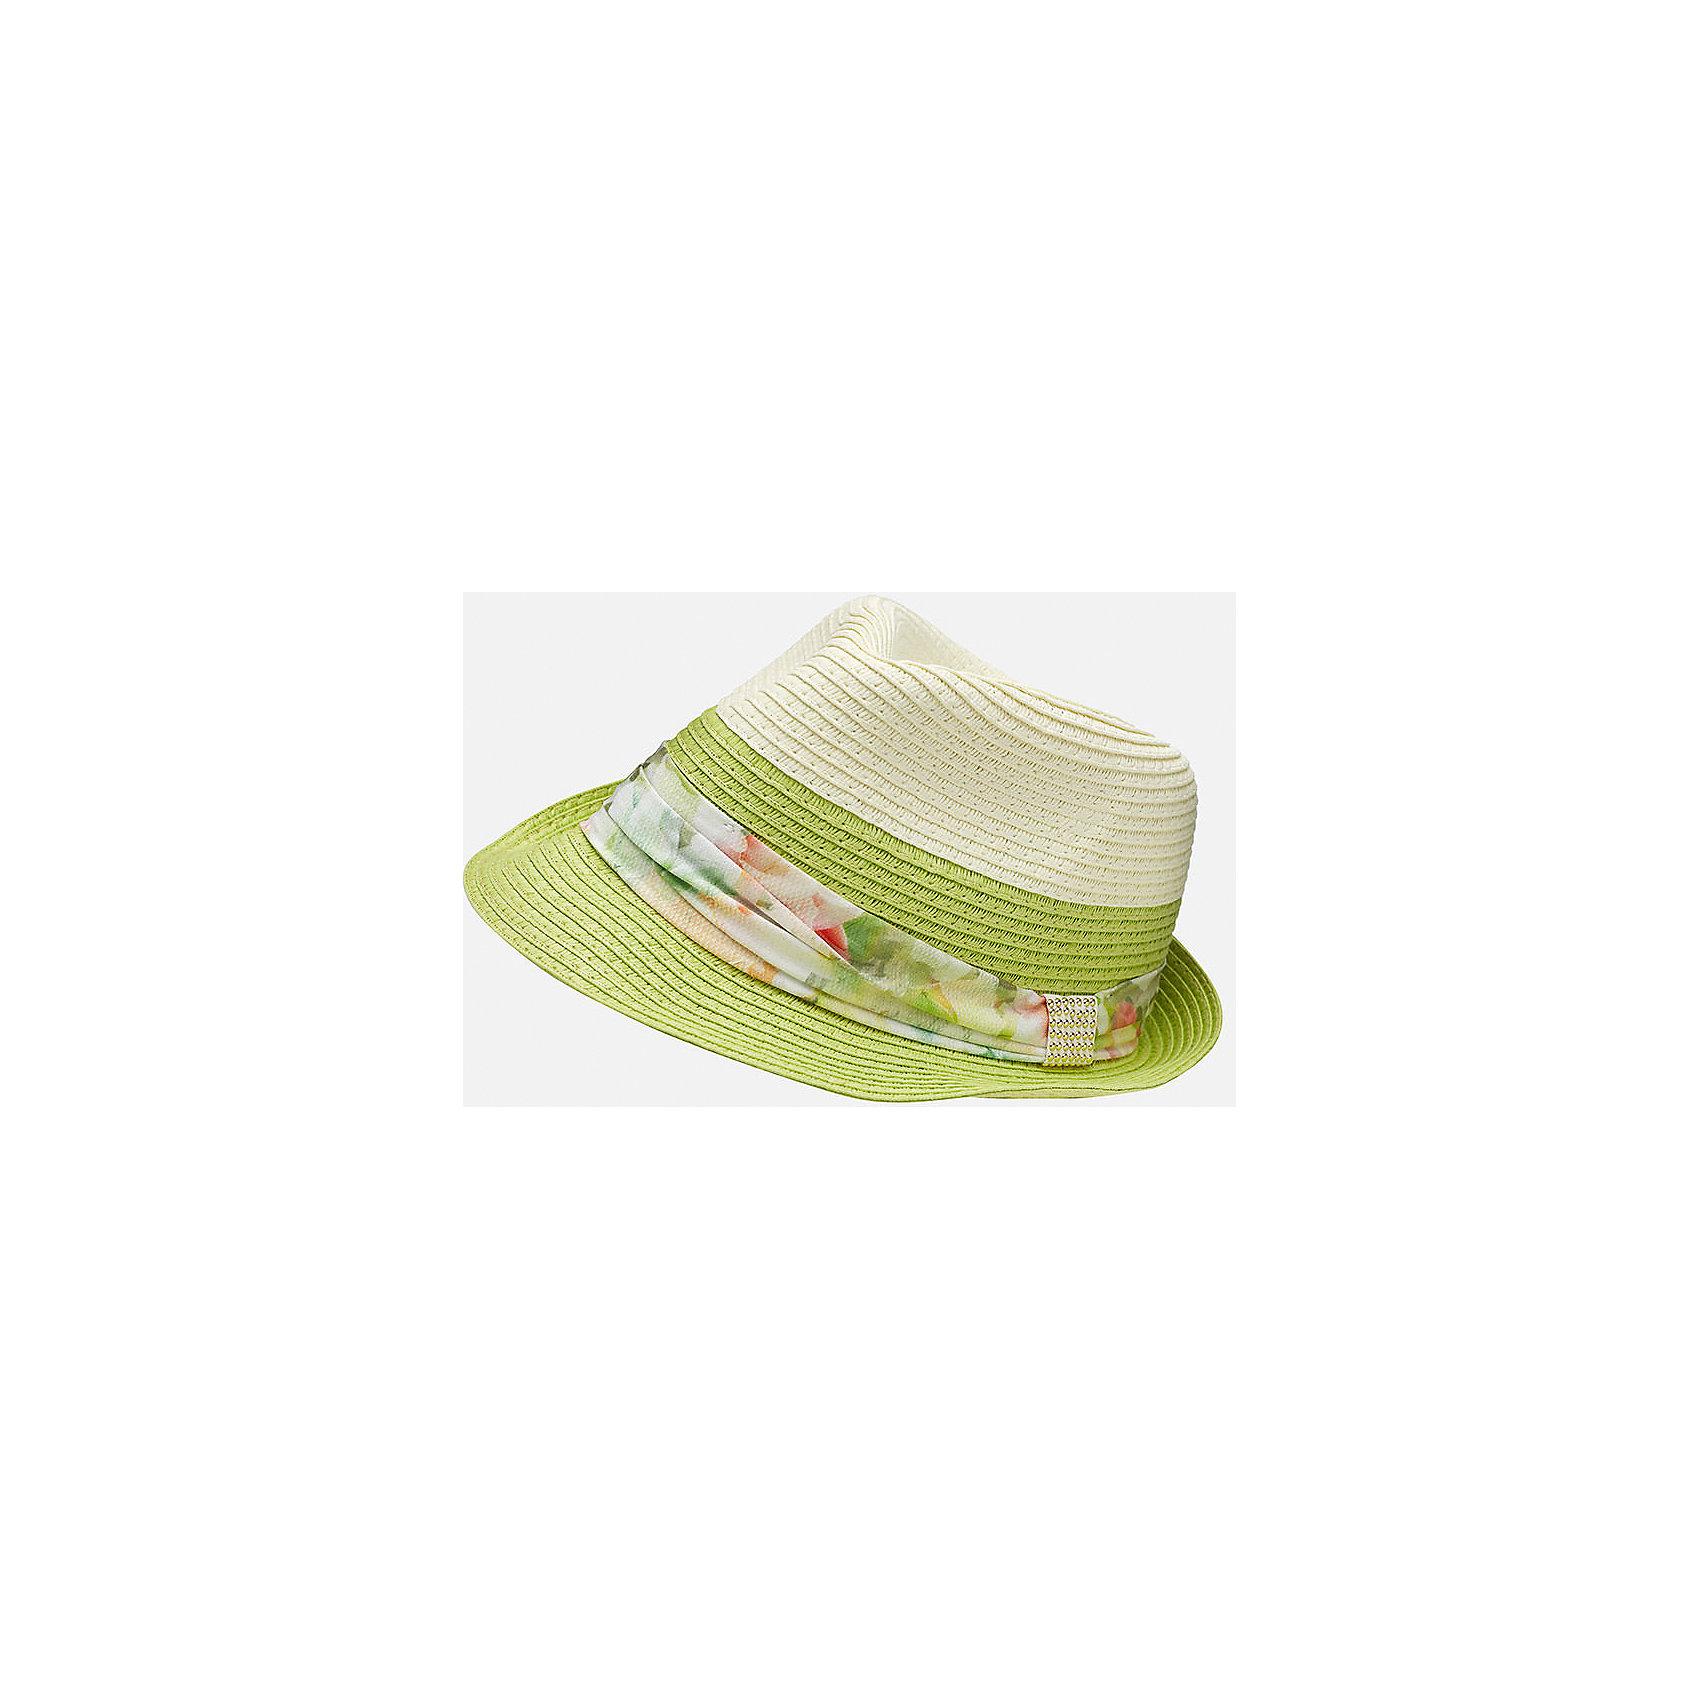 Шляпа для девочки MayoralЛетние<br>Характеристики товара:<br><br>• цвет: зеленый/белый<br>• состав: 100% бумага<br>• дышащая фактура<br>• декорирована лентой<br>• страна бренда: Испания<br><br>Красивая легкая шляпа для девочки поможет обеспечить ребенку защиту от солнца и дополнить наряд. Универсальный цвет позволяет надевать её под наряды различных расцветок. Шляпа удобно сидит и красиво смотрится. <br><br>Одежда, обувь и аксессуары от испанского бренда Mayoral полюбились детям и взрослым по всему миру. Модели этой марки - стильные и удобные. Для их производства используются только безопасные, качественные материалы и фурнитура. Порадуйте ребенка модными и красивыми вещами от Mayoral! <br><br>Шляпу для девочки от испанского бренда Mayoral (Майорал) можно купить в нашем интернет-магазине.<br><br>Ширина мм: 89<br>Глубина мм: 117<br>Высота мм: 44<br>Вес г: 155<br>Цвет: зеленый<br>Возраст от месяцев: 72<br>Возраст до месяцев: 84<br>Пол: Женский<br>Возраст: Детский<br>Размер: 54,56<br>SKU: 5293563